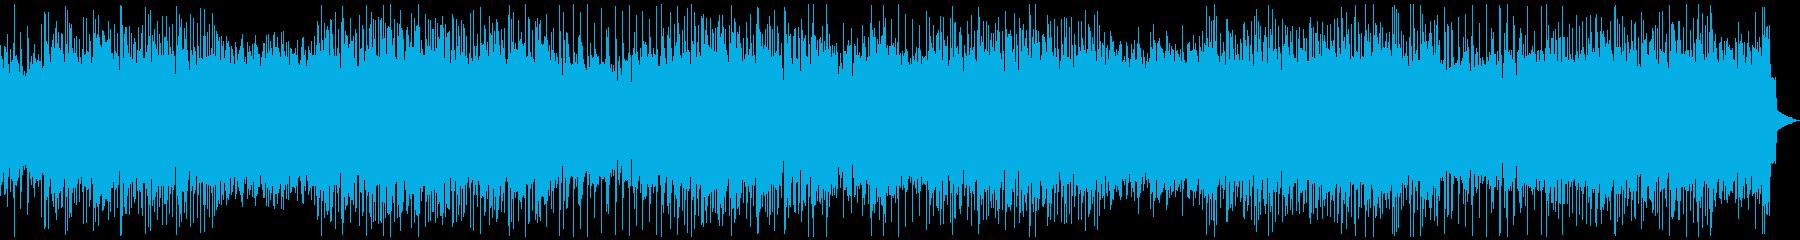 【生演奏】ギターインストゥルメンタルの再生済みの波形